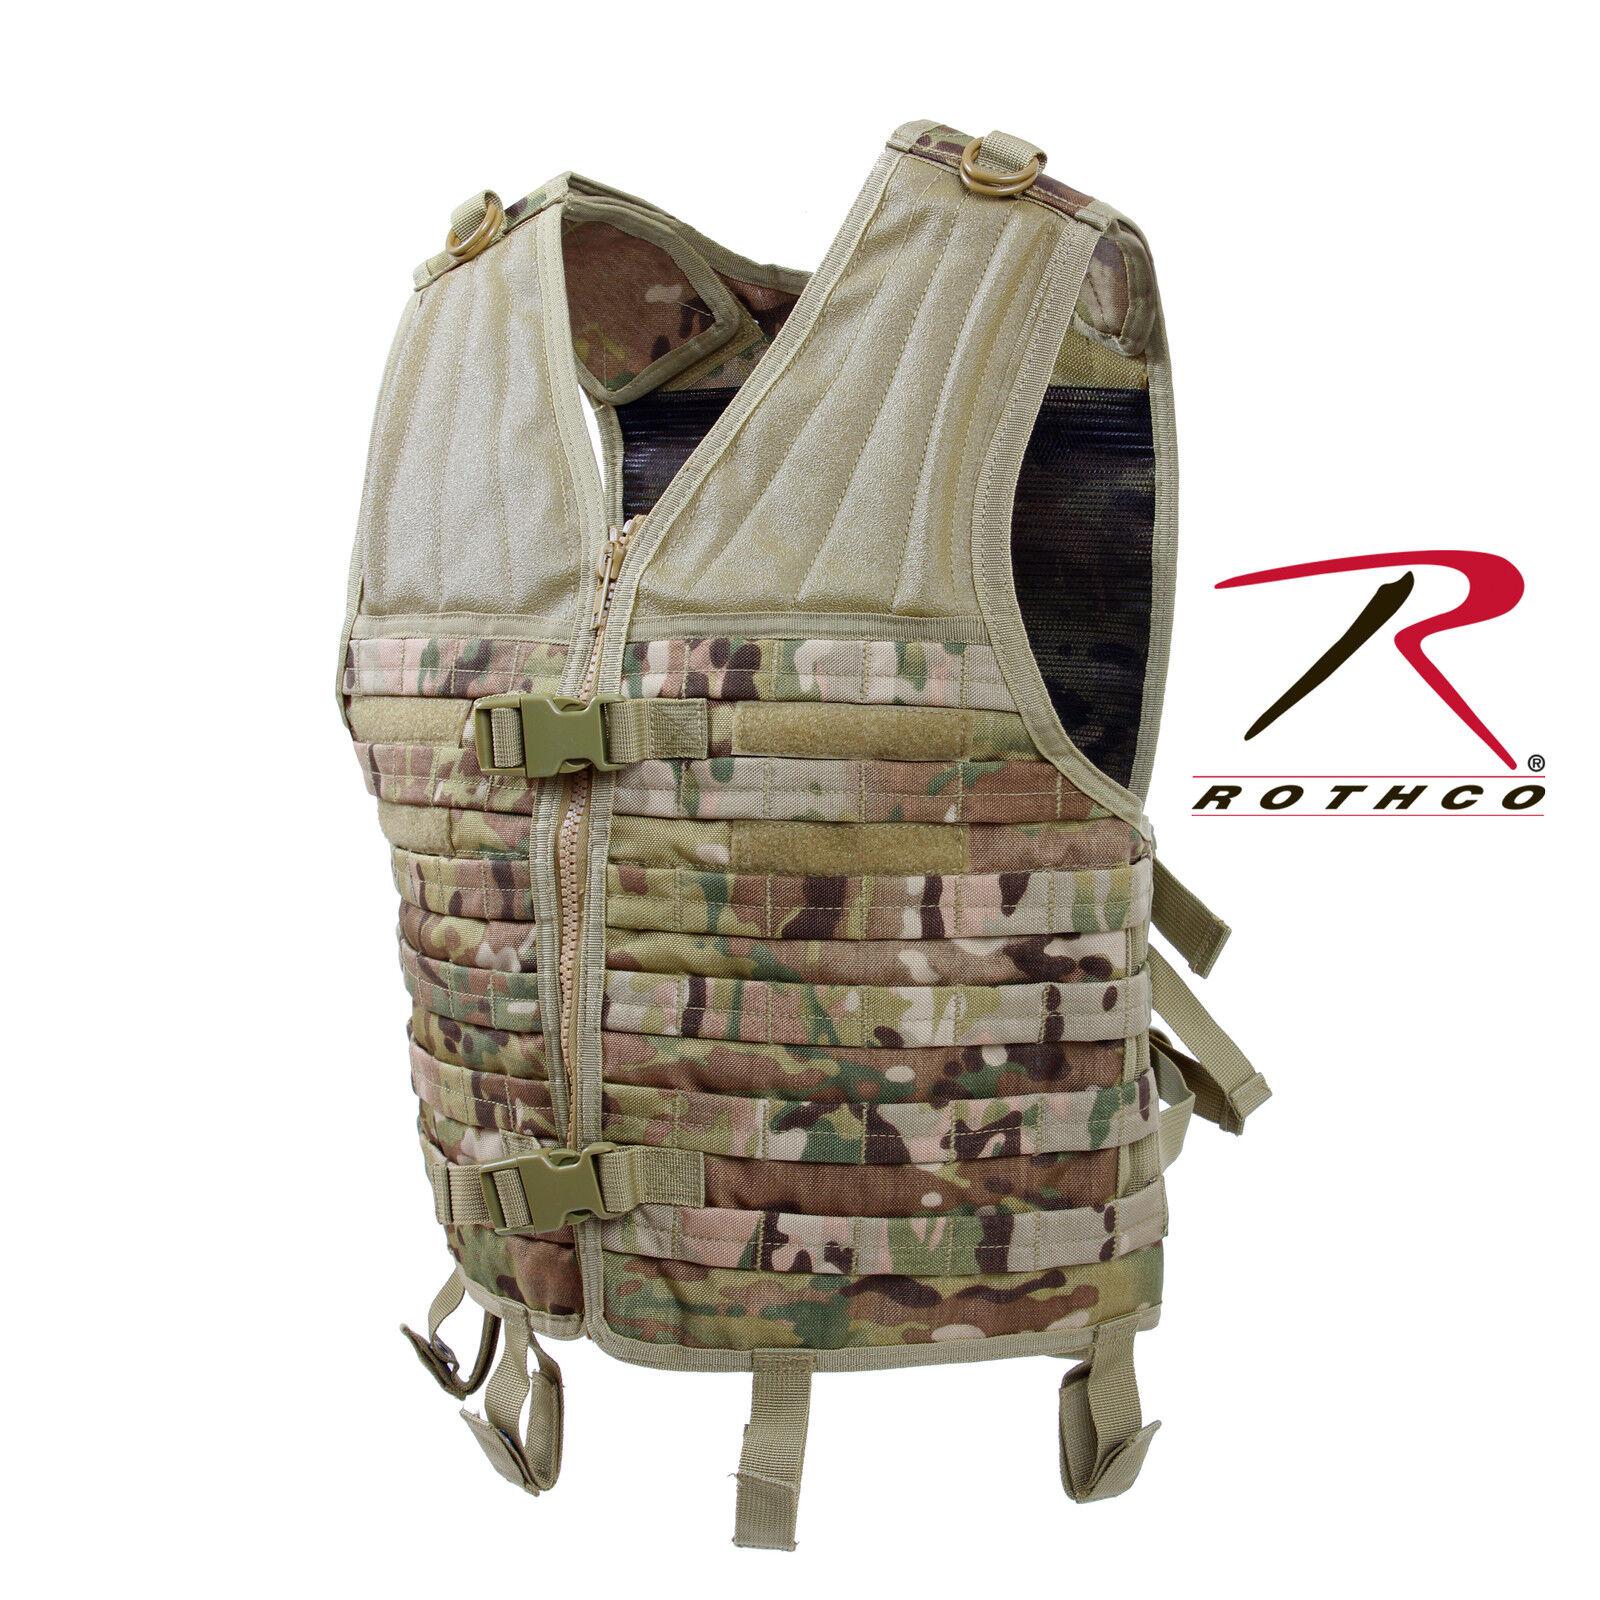 Rothco 5402 / 5403 / 5404 / 5405 / / 5405 5408 MOLLE Modular Vest 2b77a3